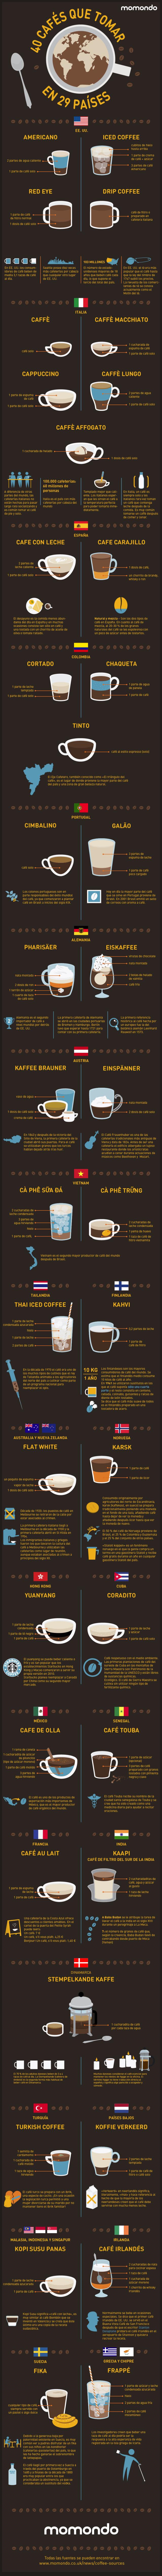 como se toma el cafe por el mundo